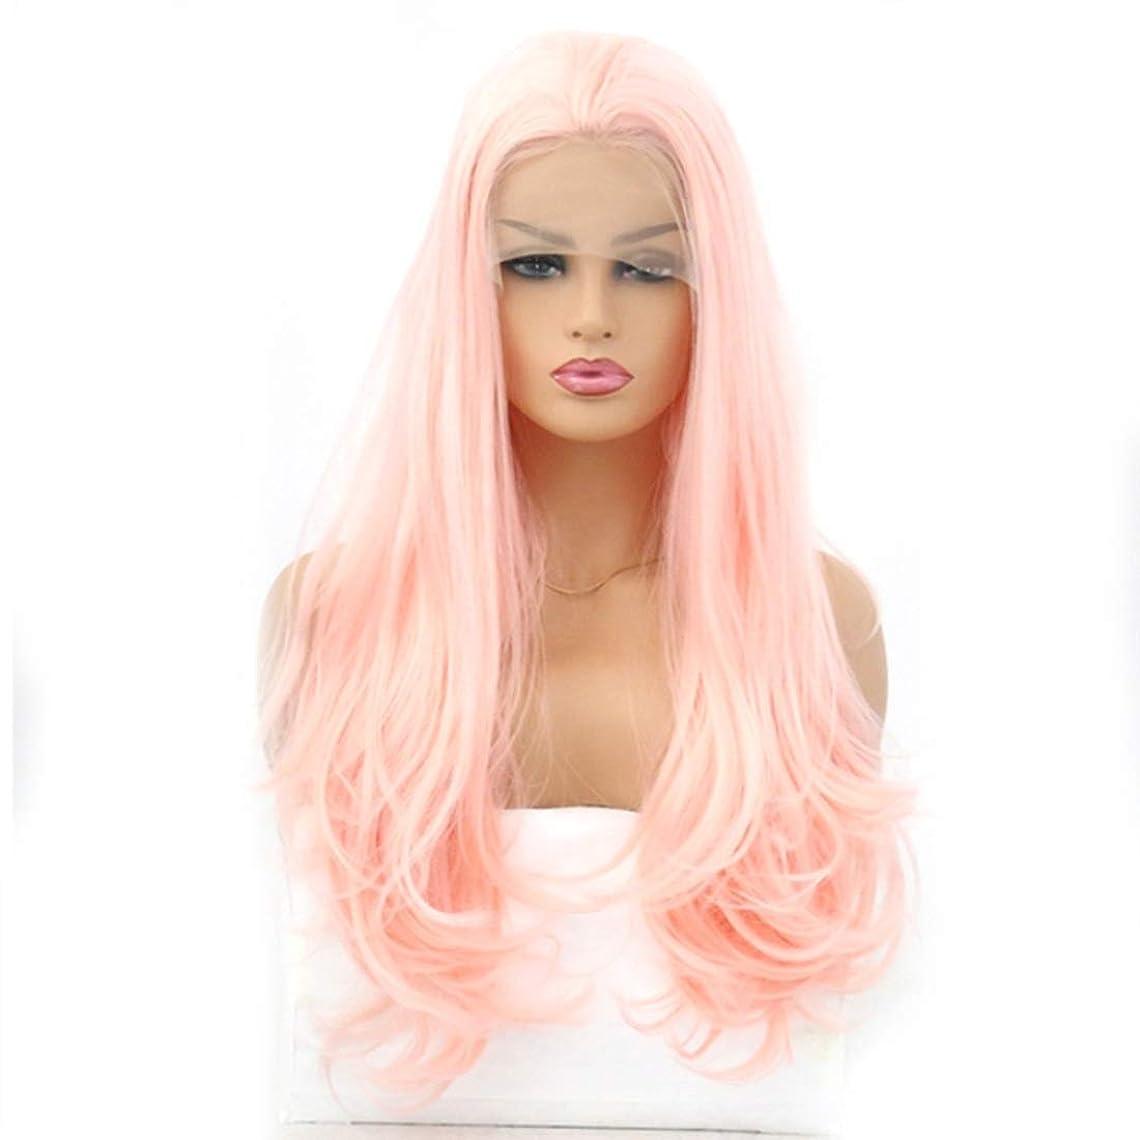 コンクリートパレードポスト印象派Summerys 女性のためのウィッグライトピンク化学繊維フロントレースロングカーリーヘア (Size : 16 inches)